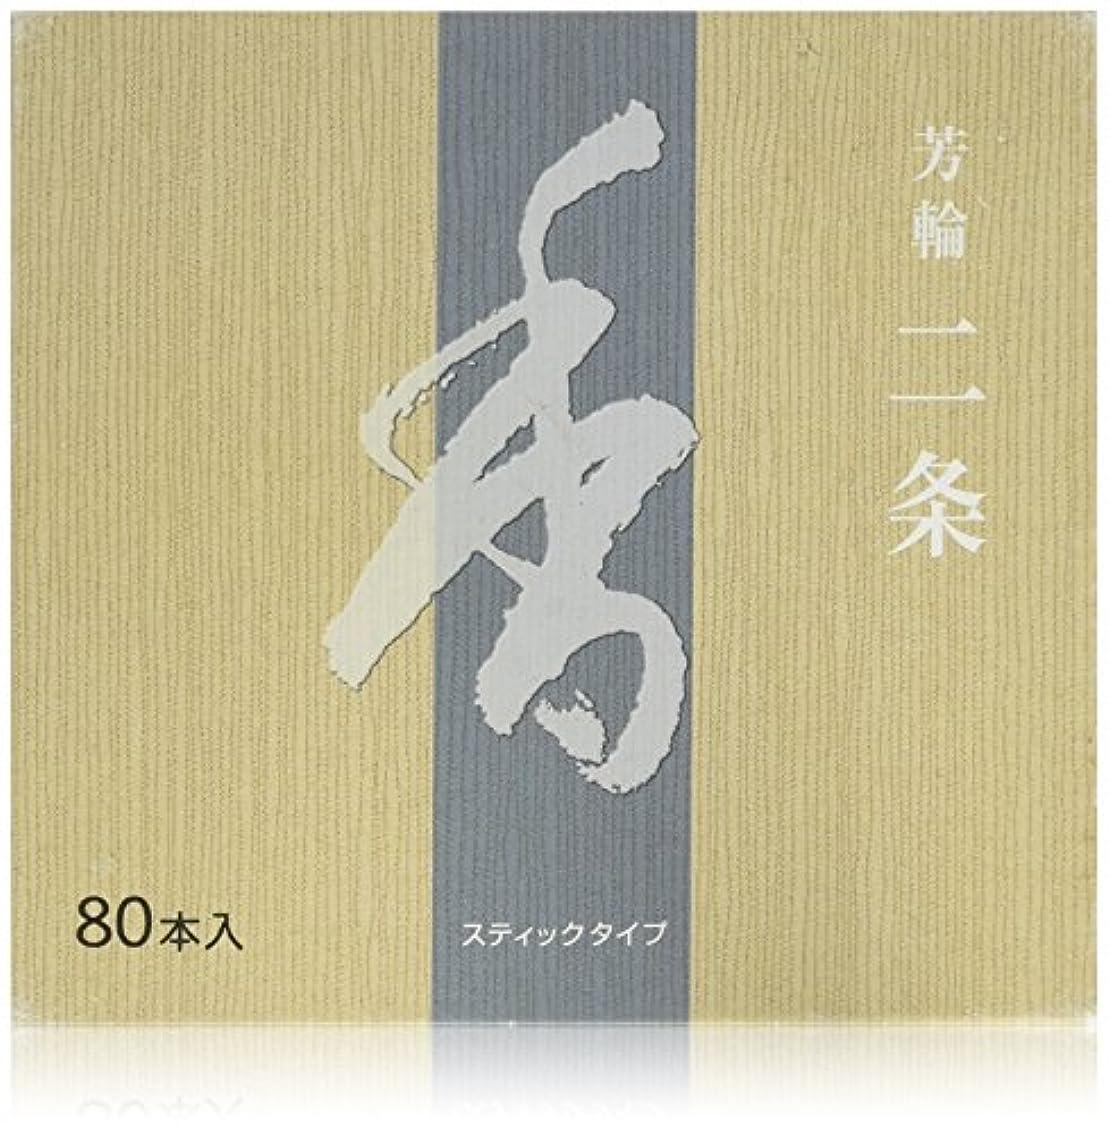 ハシーケーブルカーヘッドレス松栄堂のお香 芳輪二条 ST徳用80本入 簡易香立付 #210124